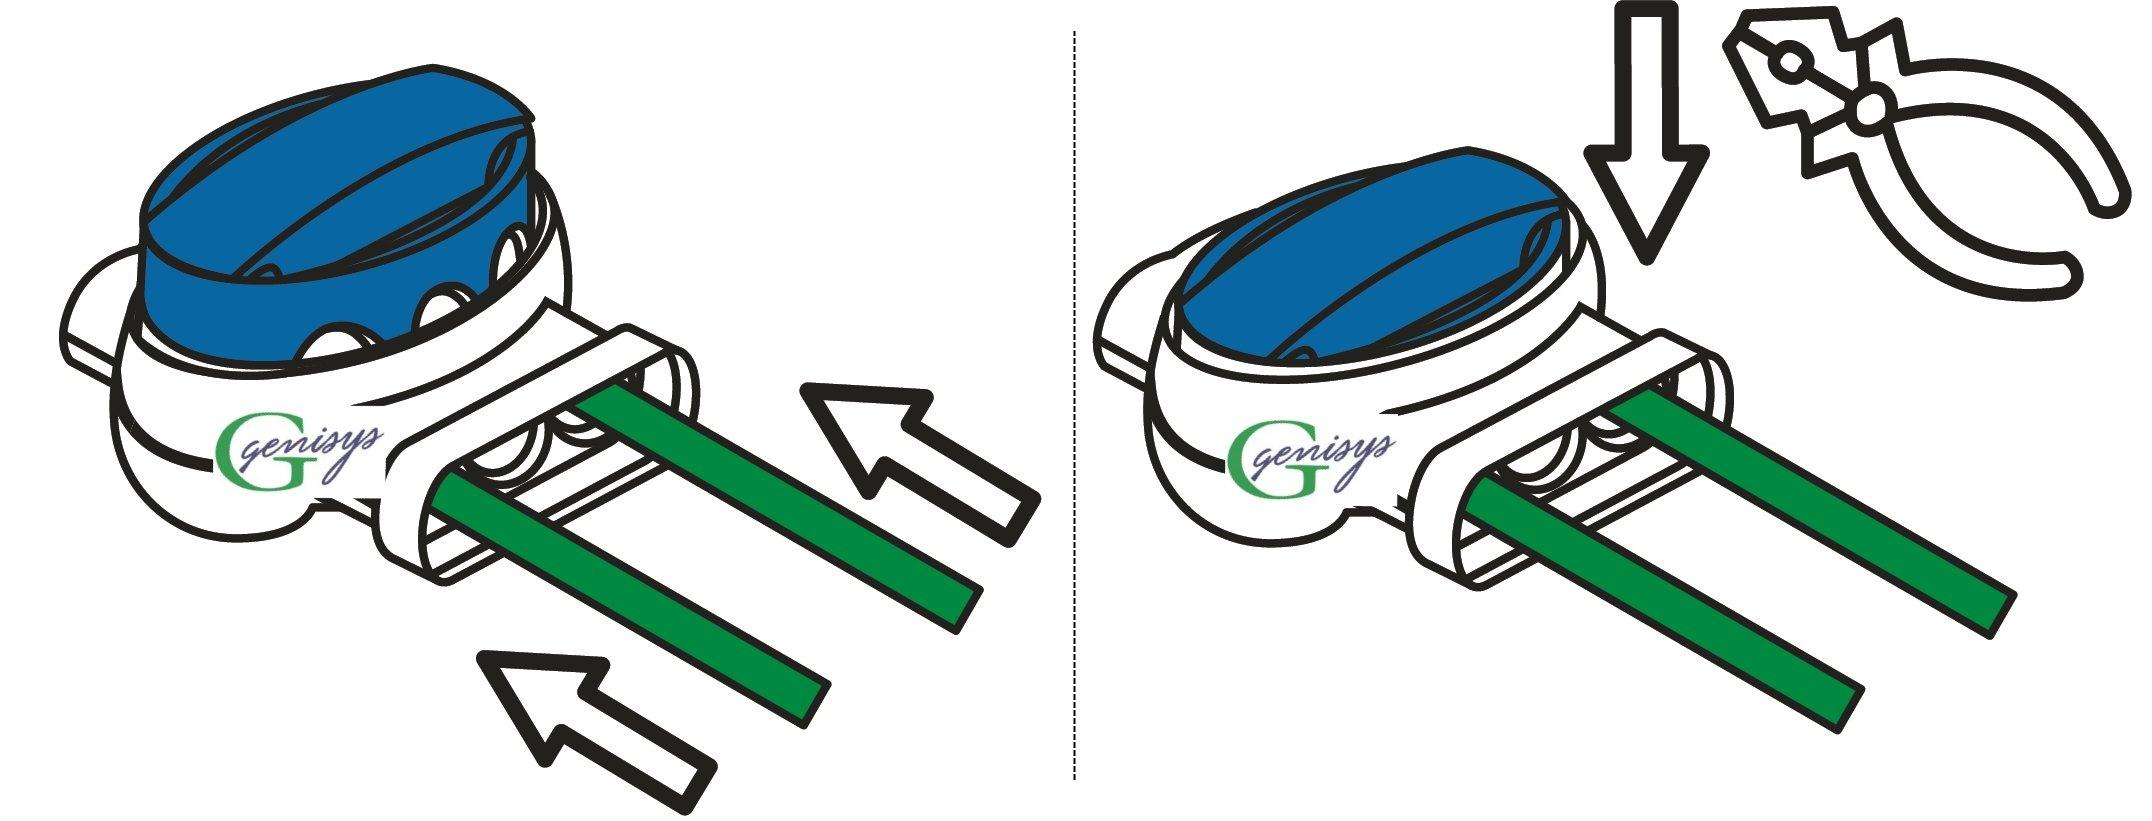 genisys-6-Kabel-Verbinder-4-Anschlussklemmen-fr-Gardena-Mhroboter-Original-von-3M